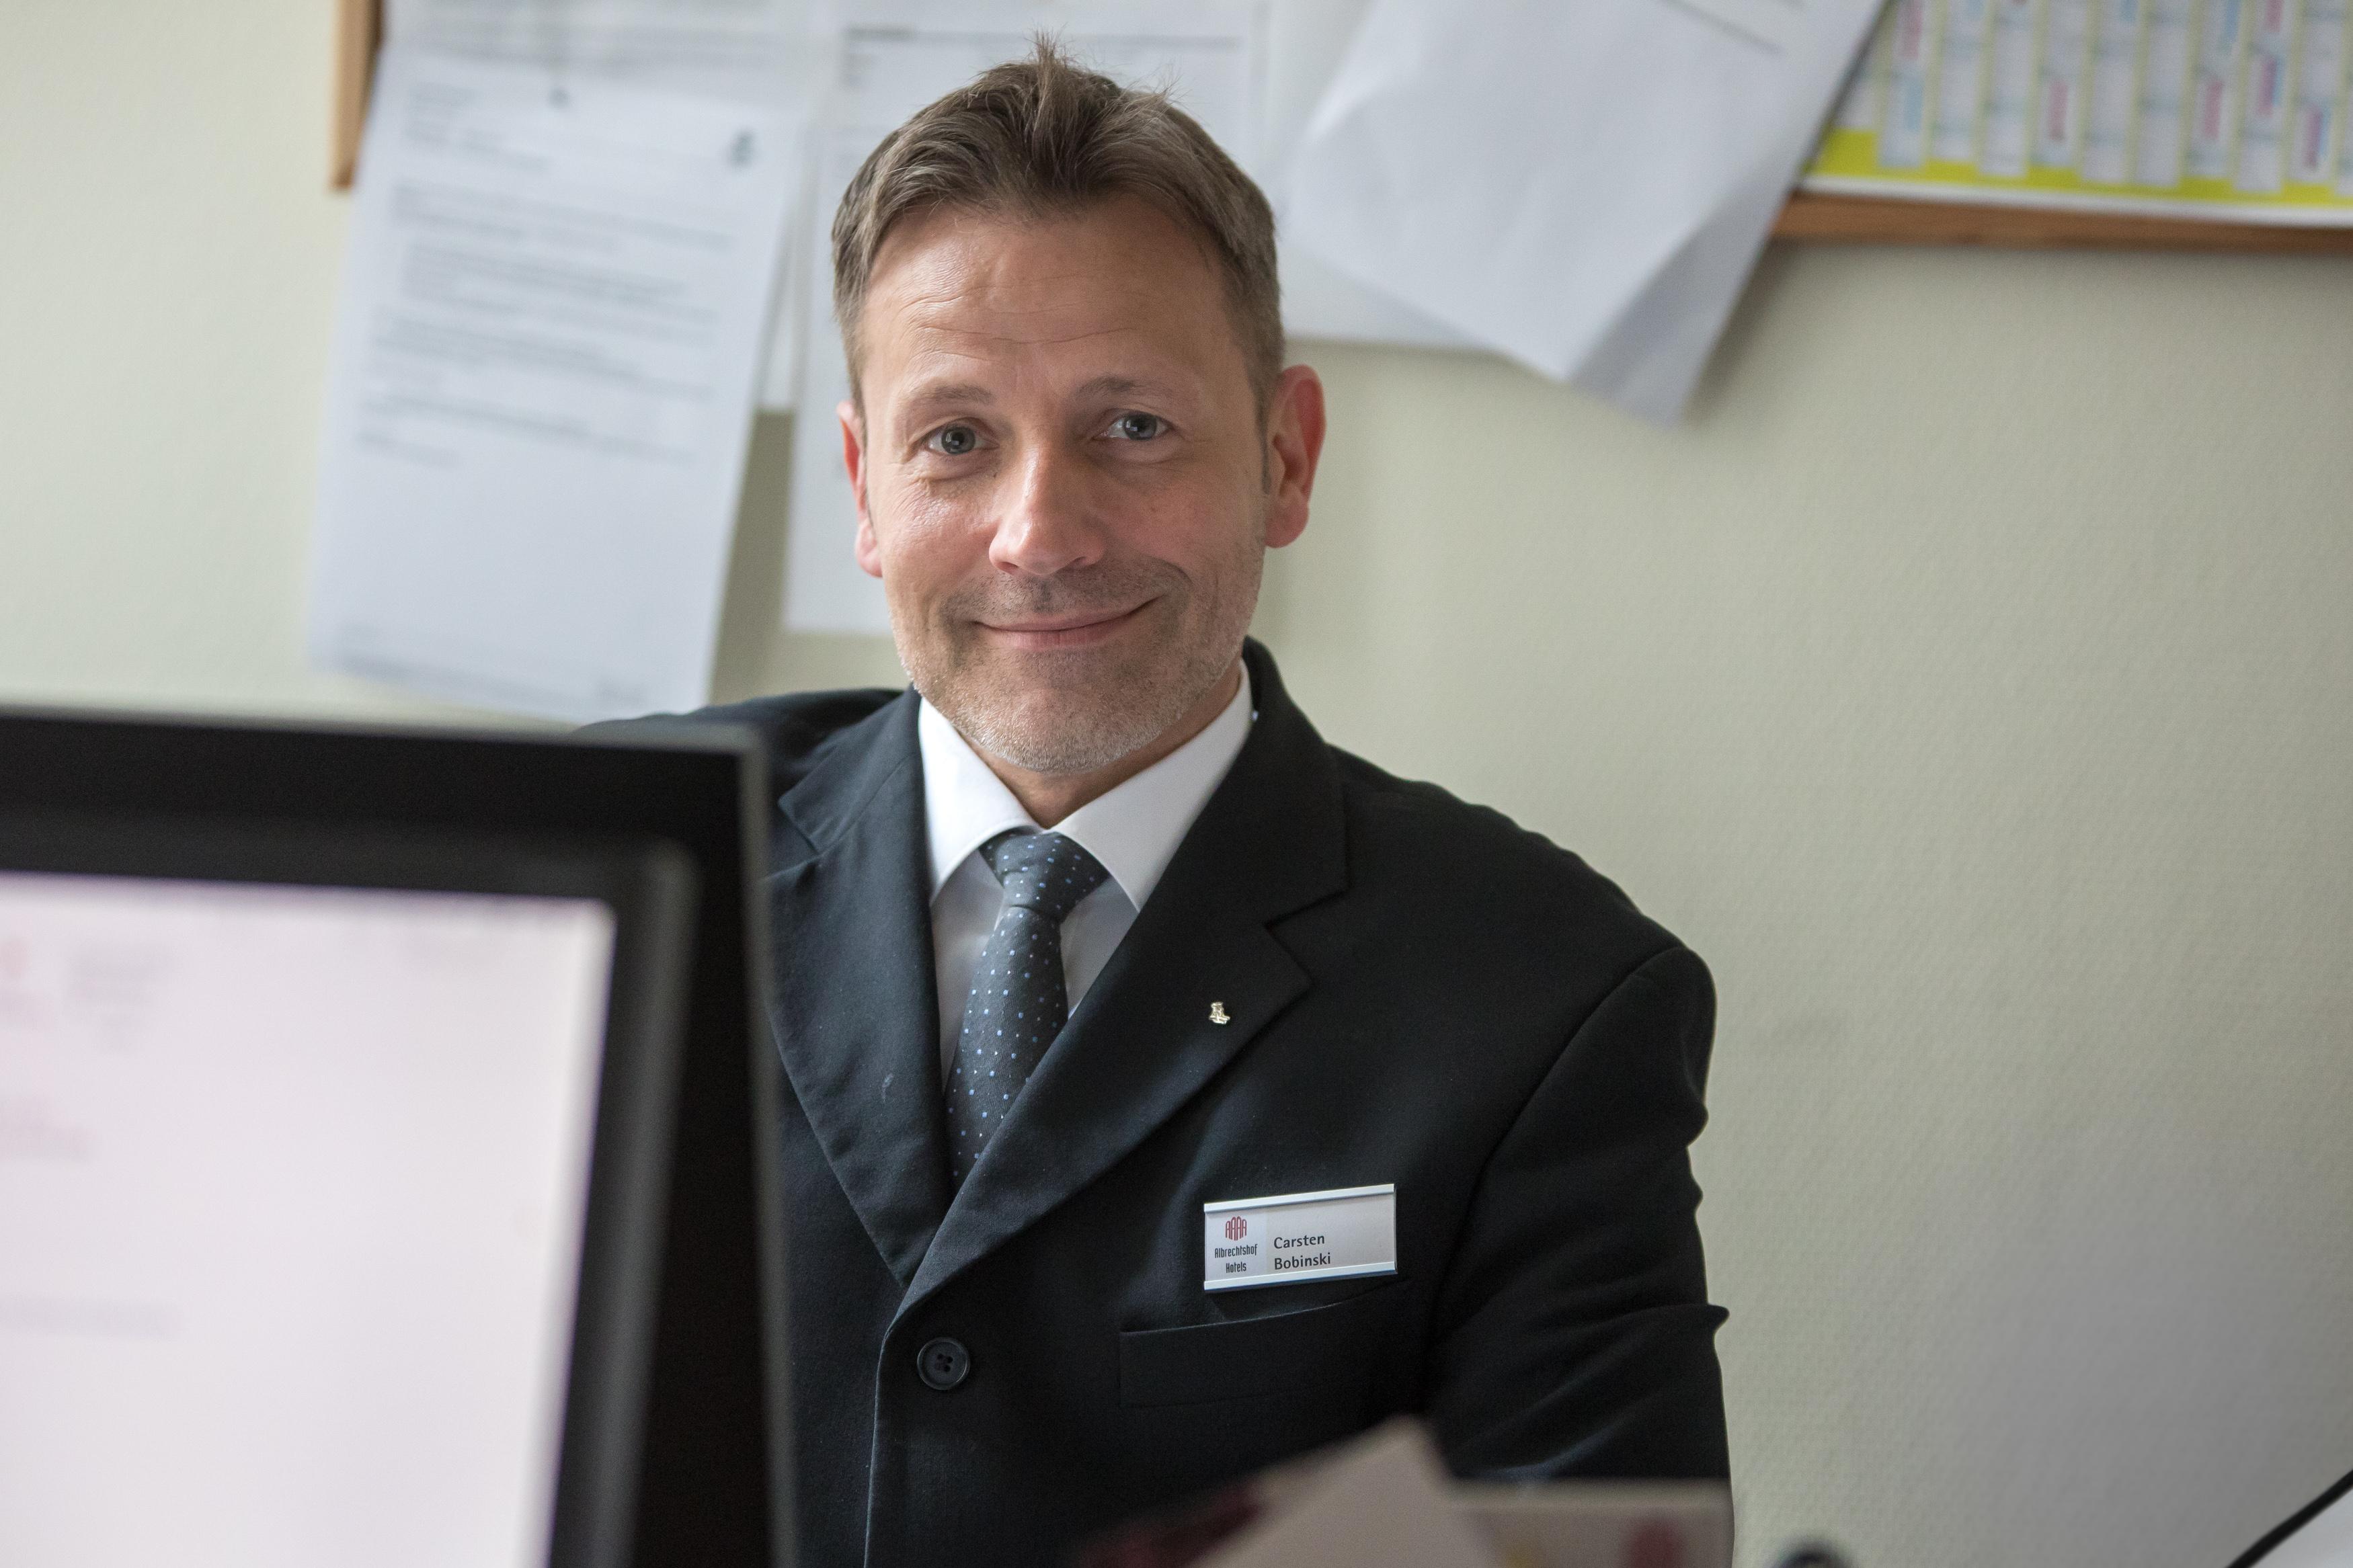 Carsten Bobinski, Bankett- und Catering Sales Manager, Albrechtshof Hotels